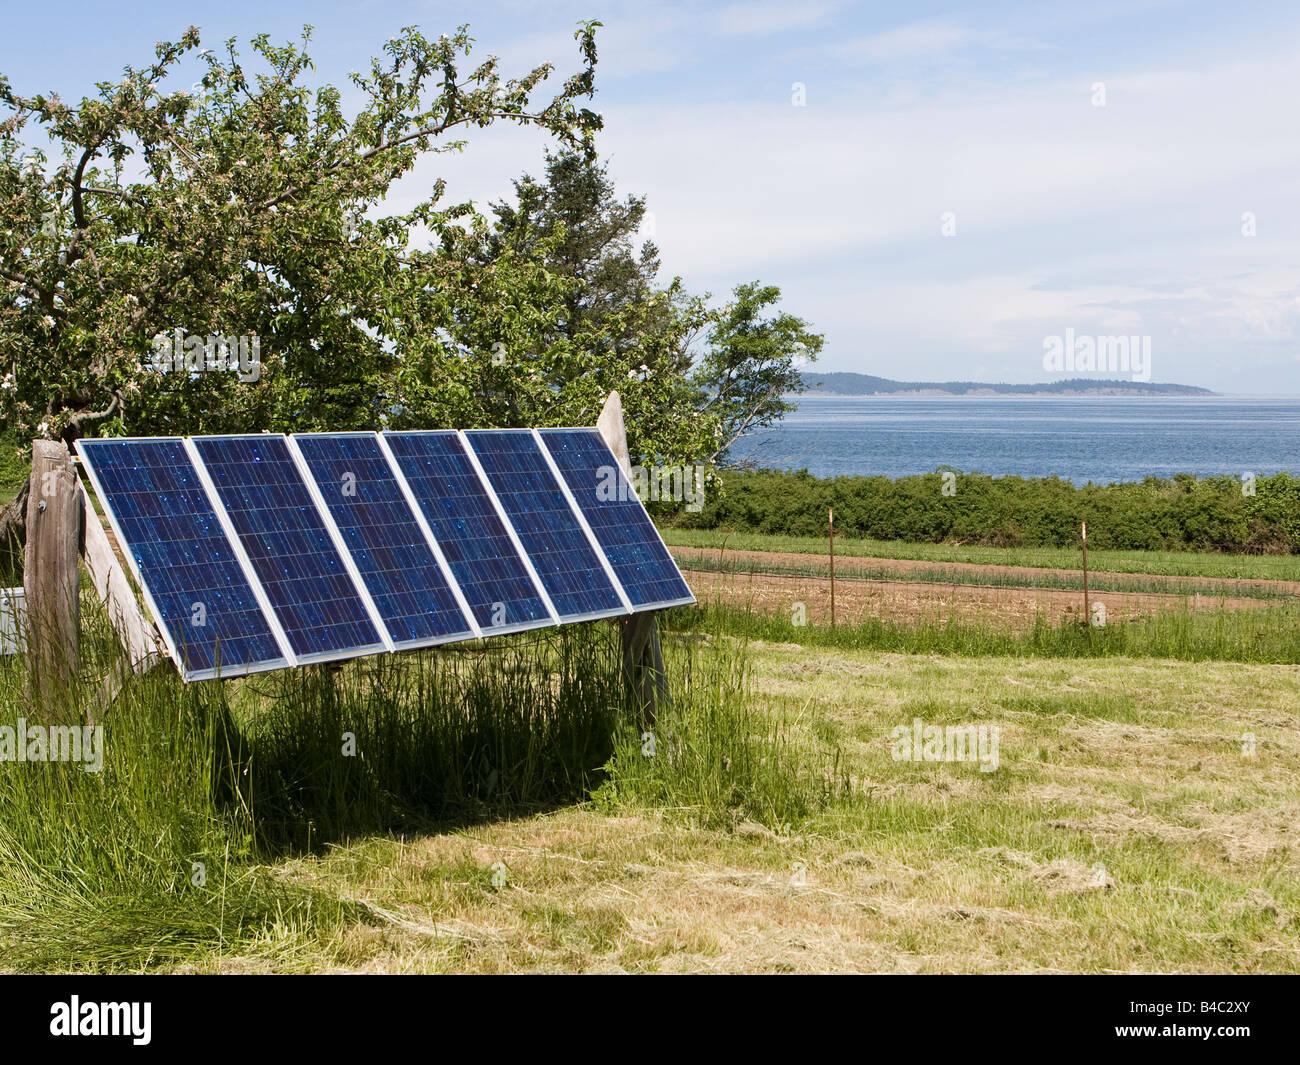 Un ensemble de panneaux solaires situés sur une île fournissent une source d'énergie renouvelable. Photo Stock